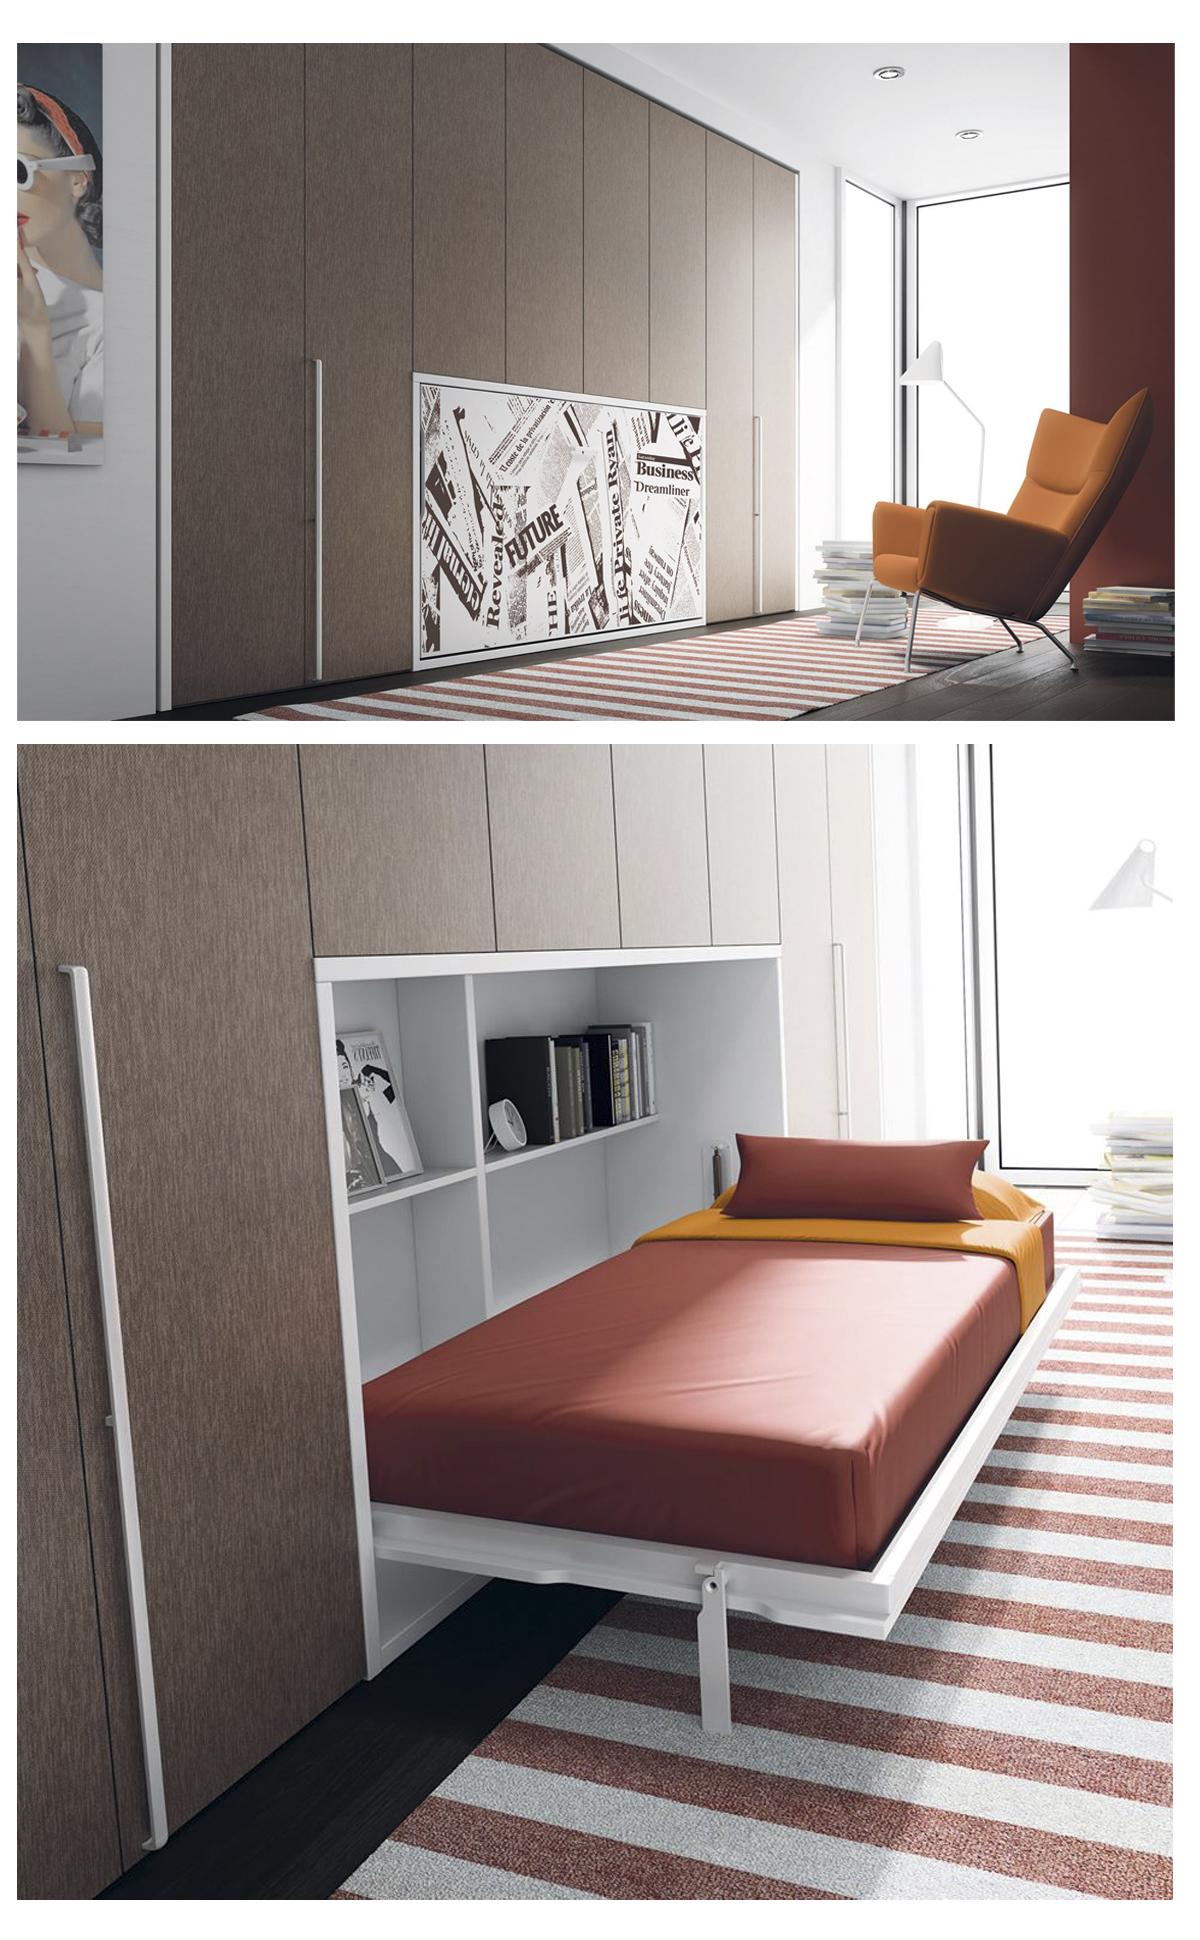 Poco espacio en el hogar incre bles muebles todo en uno - Muebles todo hogar ...